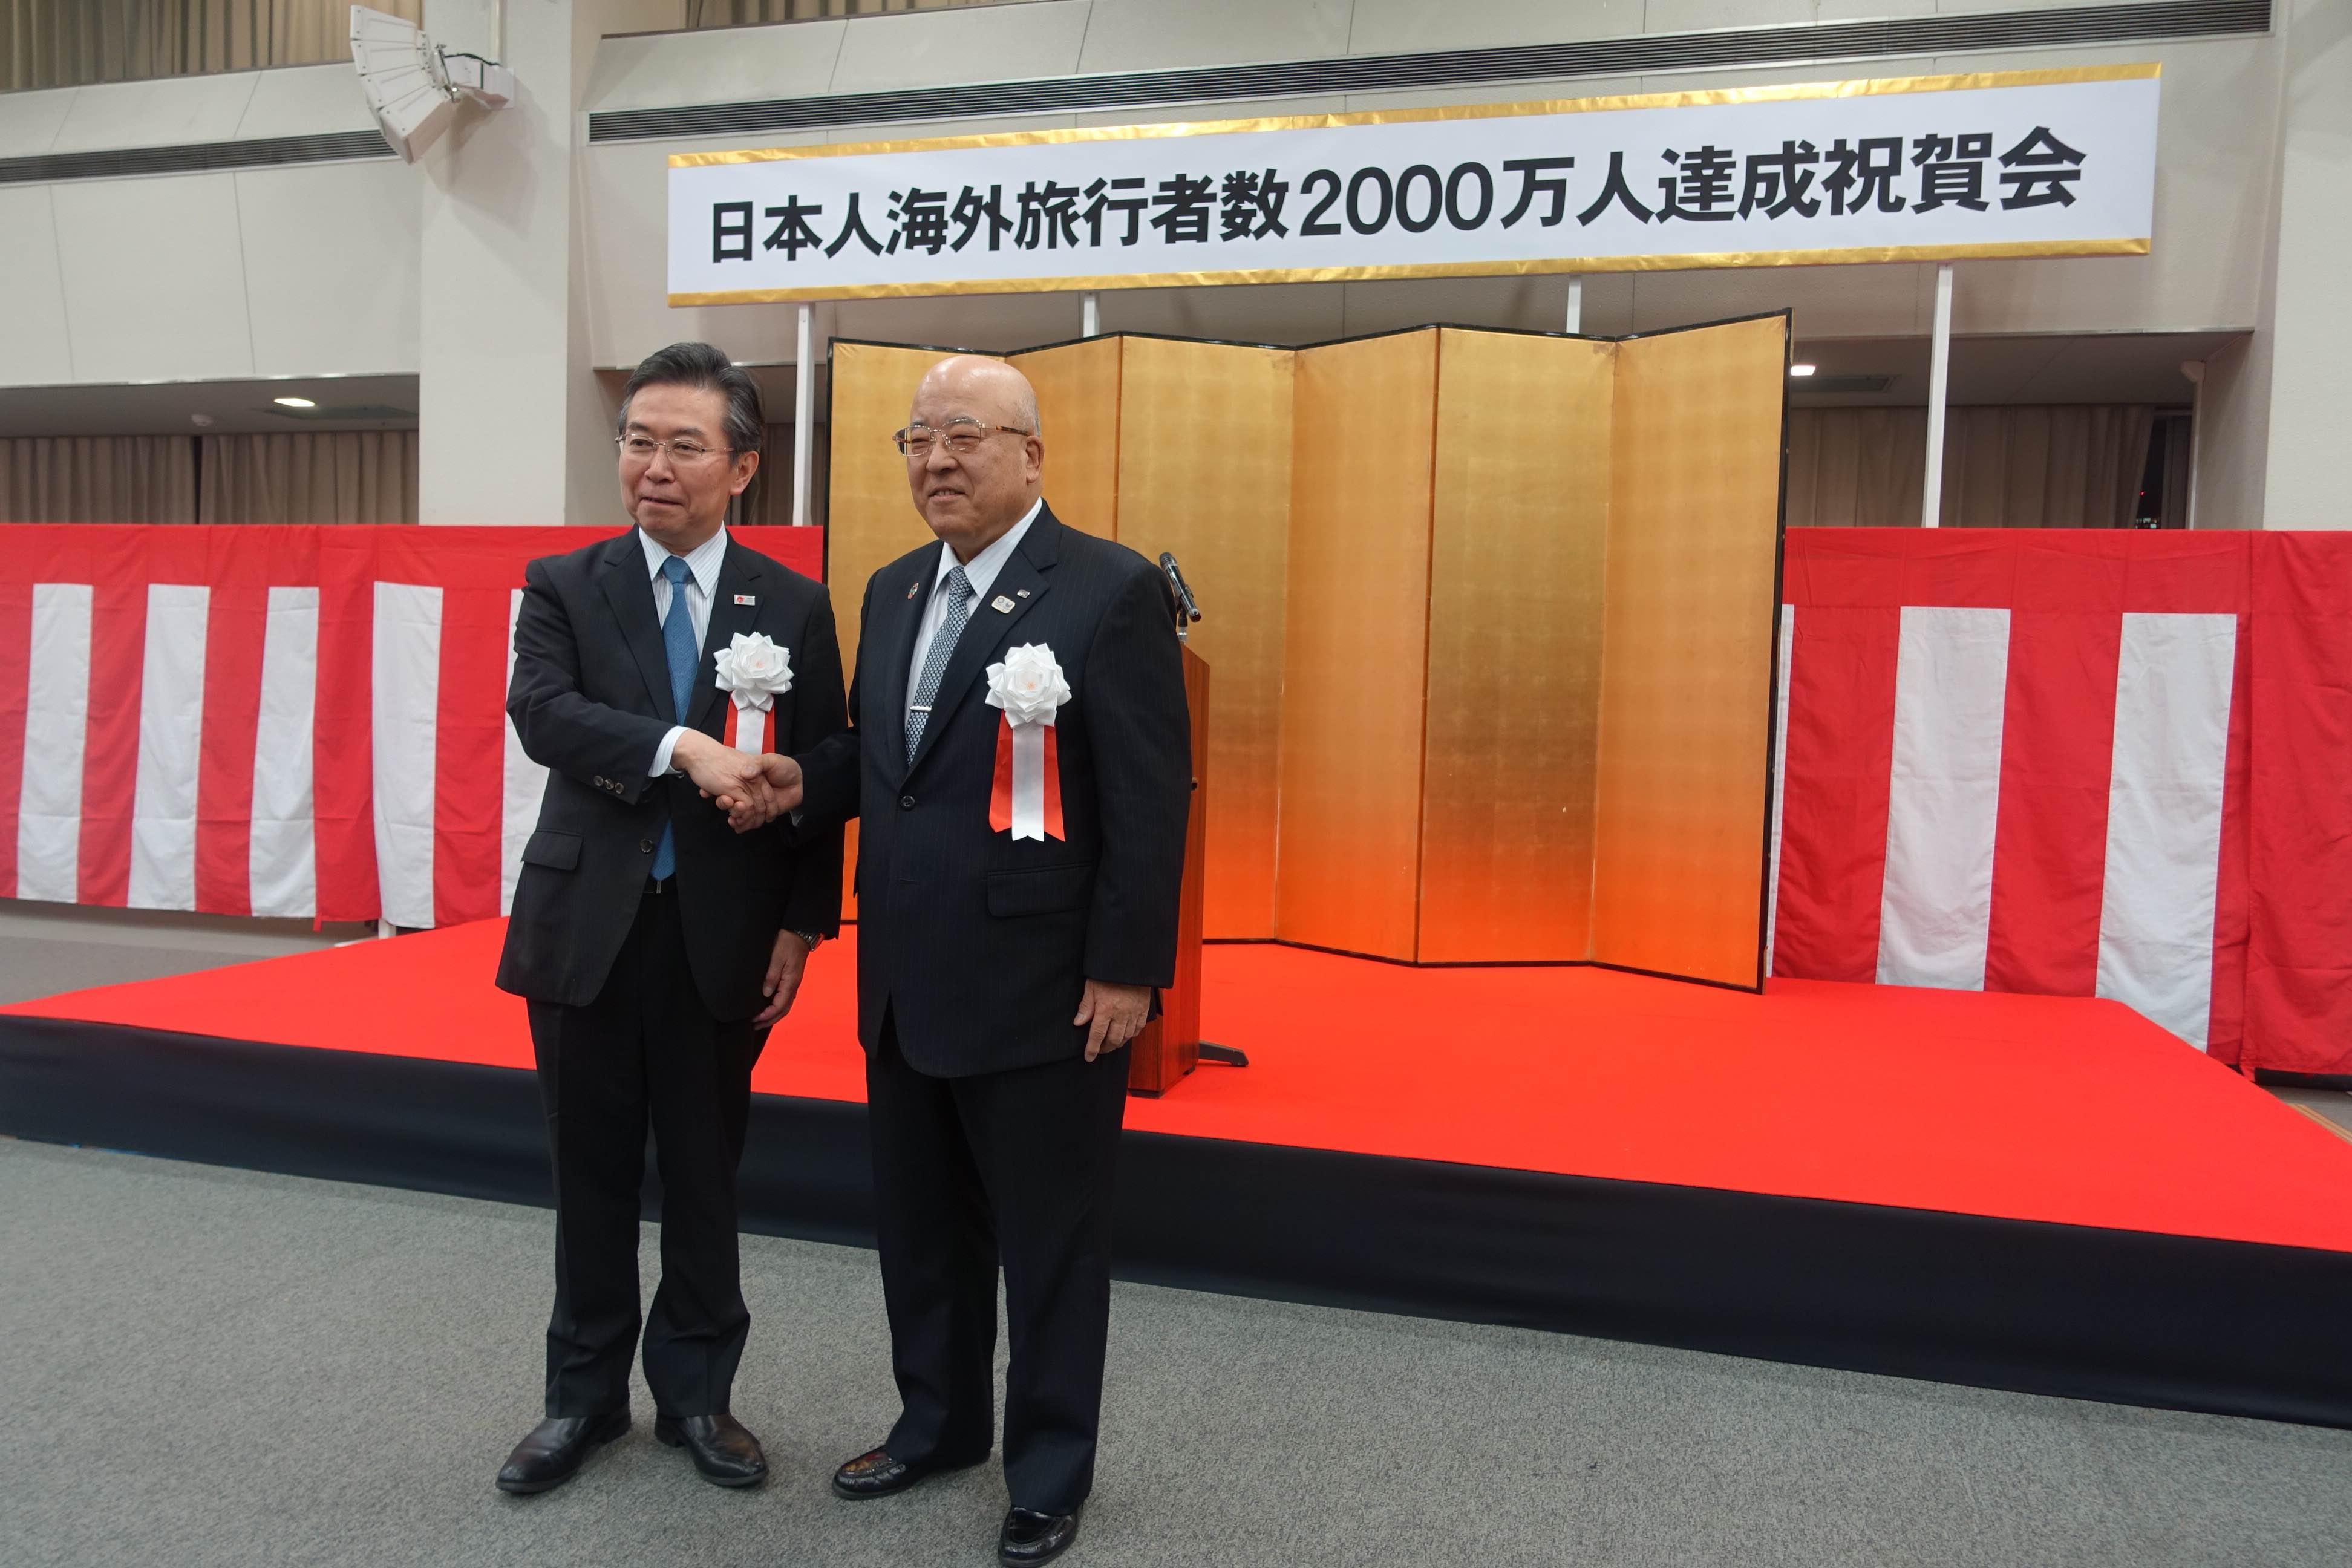 日本人の海外旅行者2000万人達成で祝賀会、観光庁と日本旅行業協会が開催、2020年を「交流の新時代」に